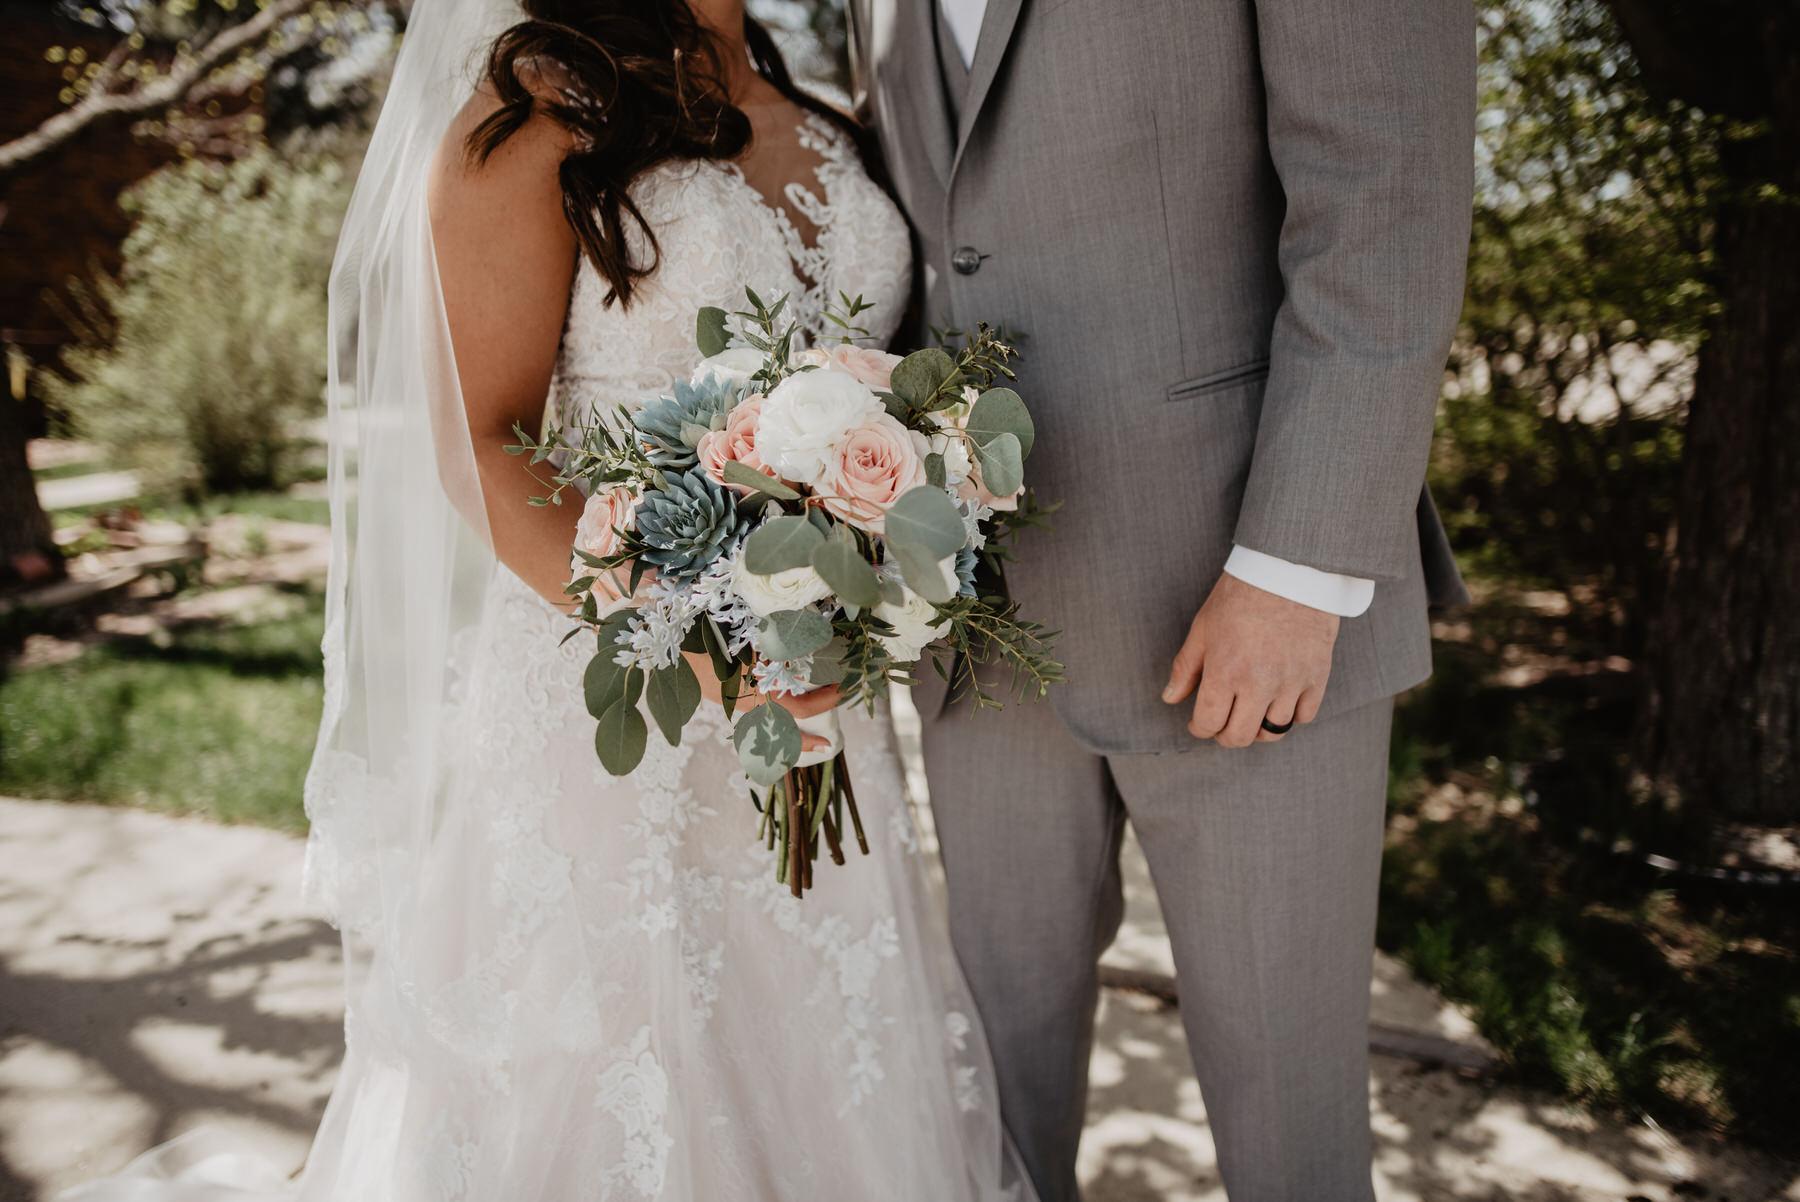 Kaylie-Sirek-Photography-Kearney-Nebraska-Wedding-043.jpg